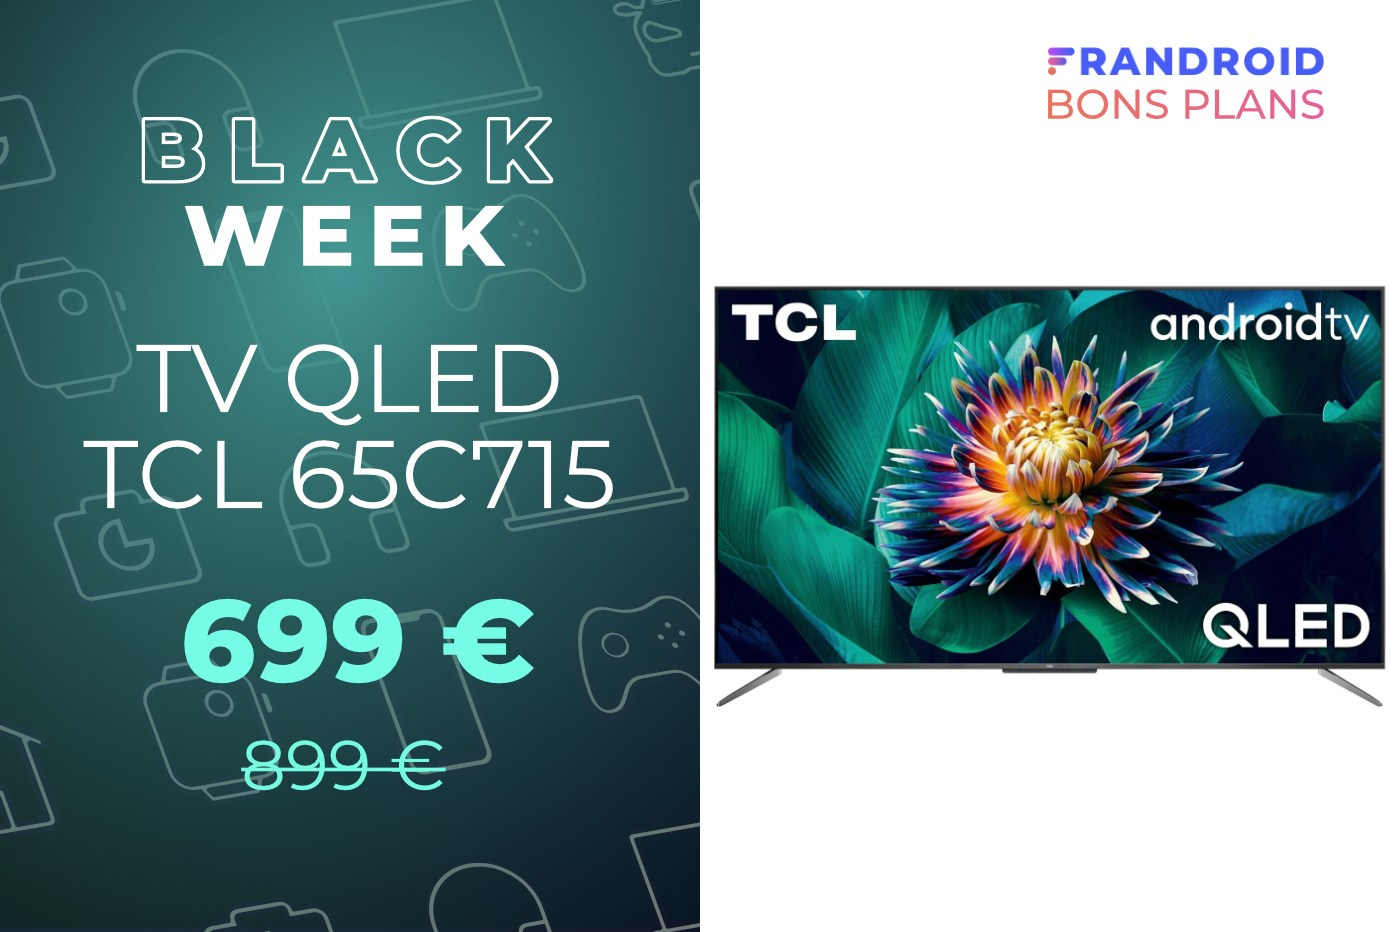 Cette TV QLED TCL de 65 pouces, avec Dolby Vision et HDR10+, ne coûte que 699 €